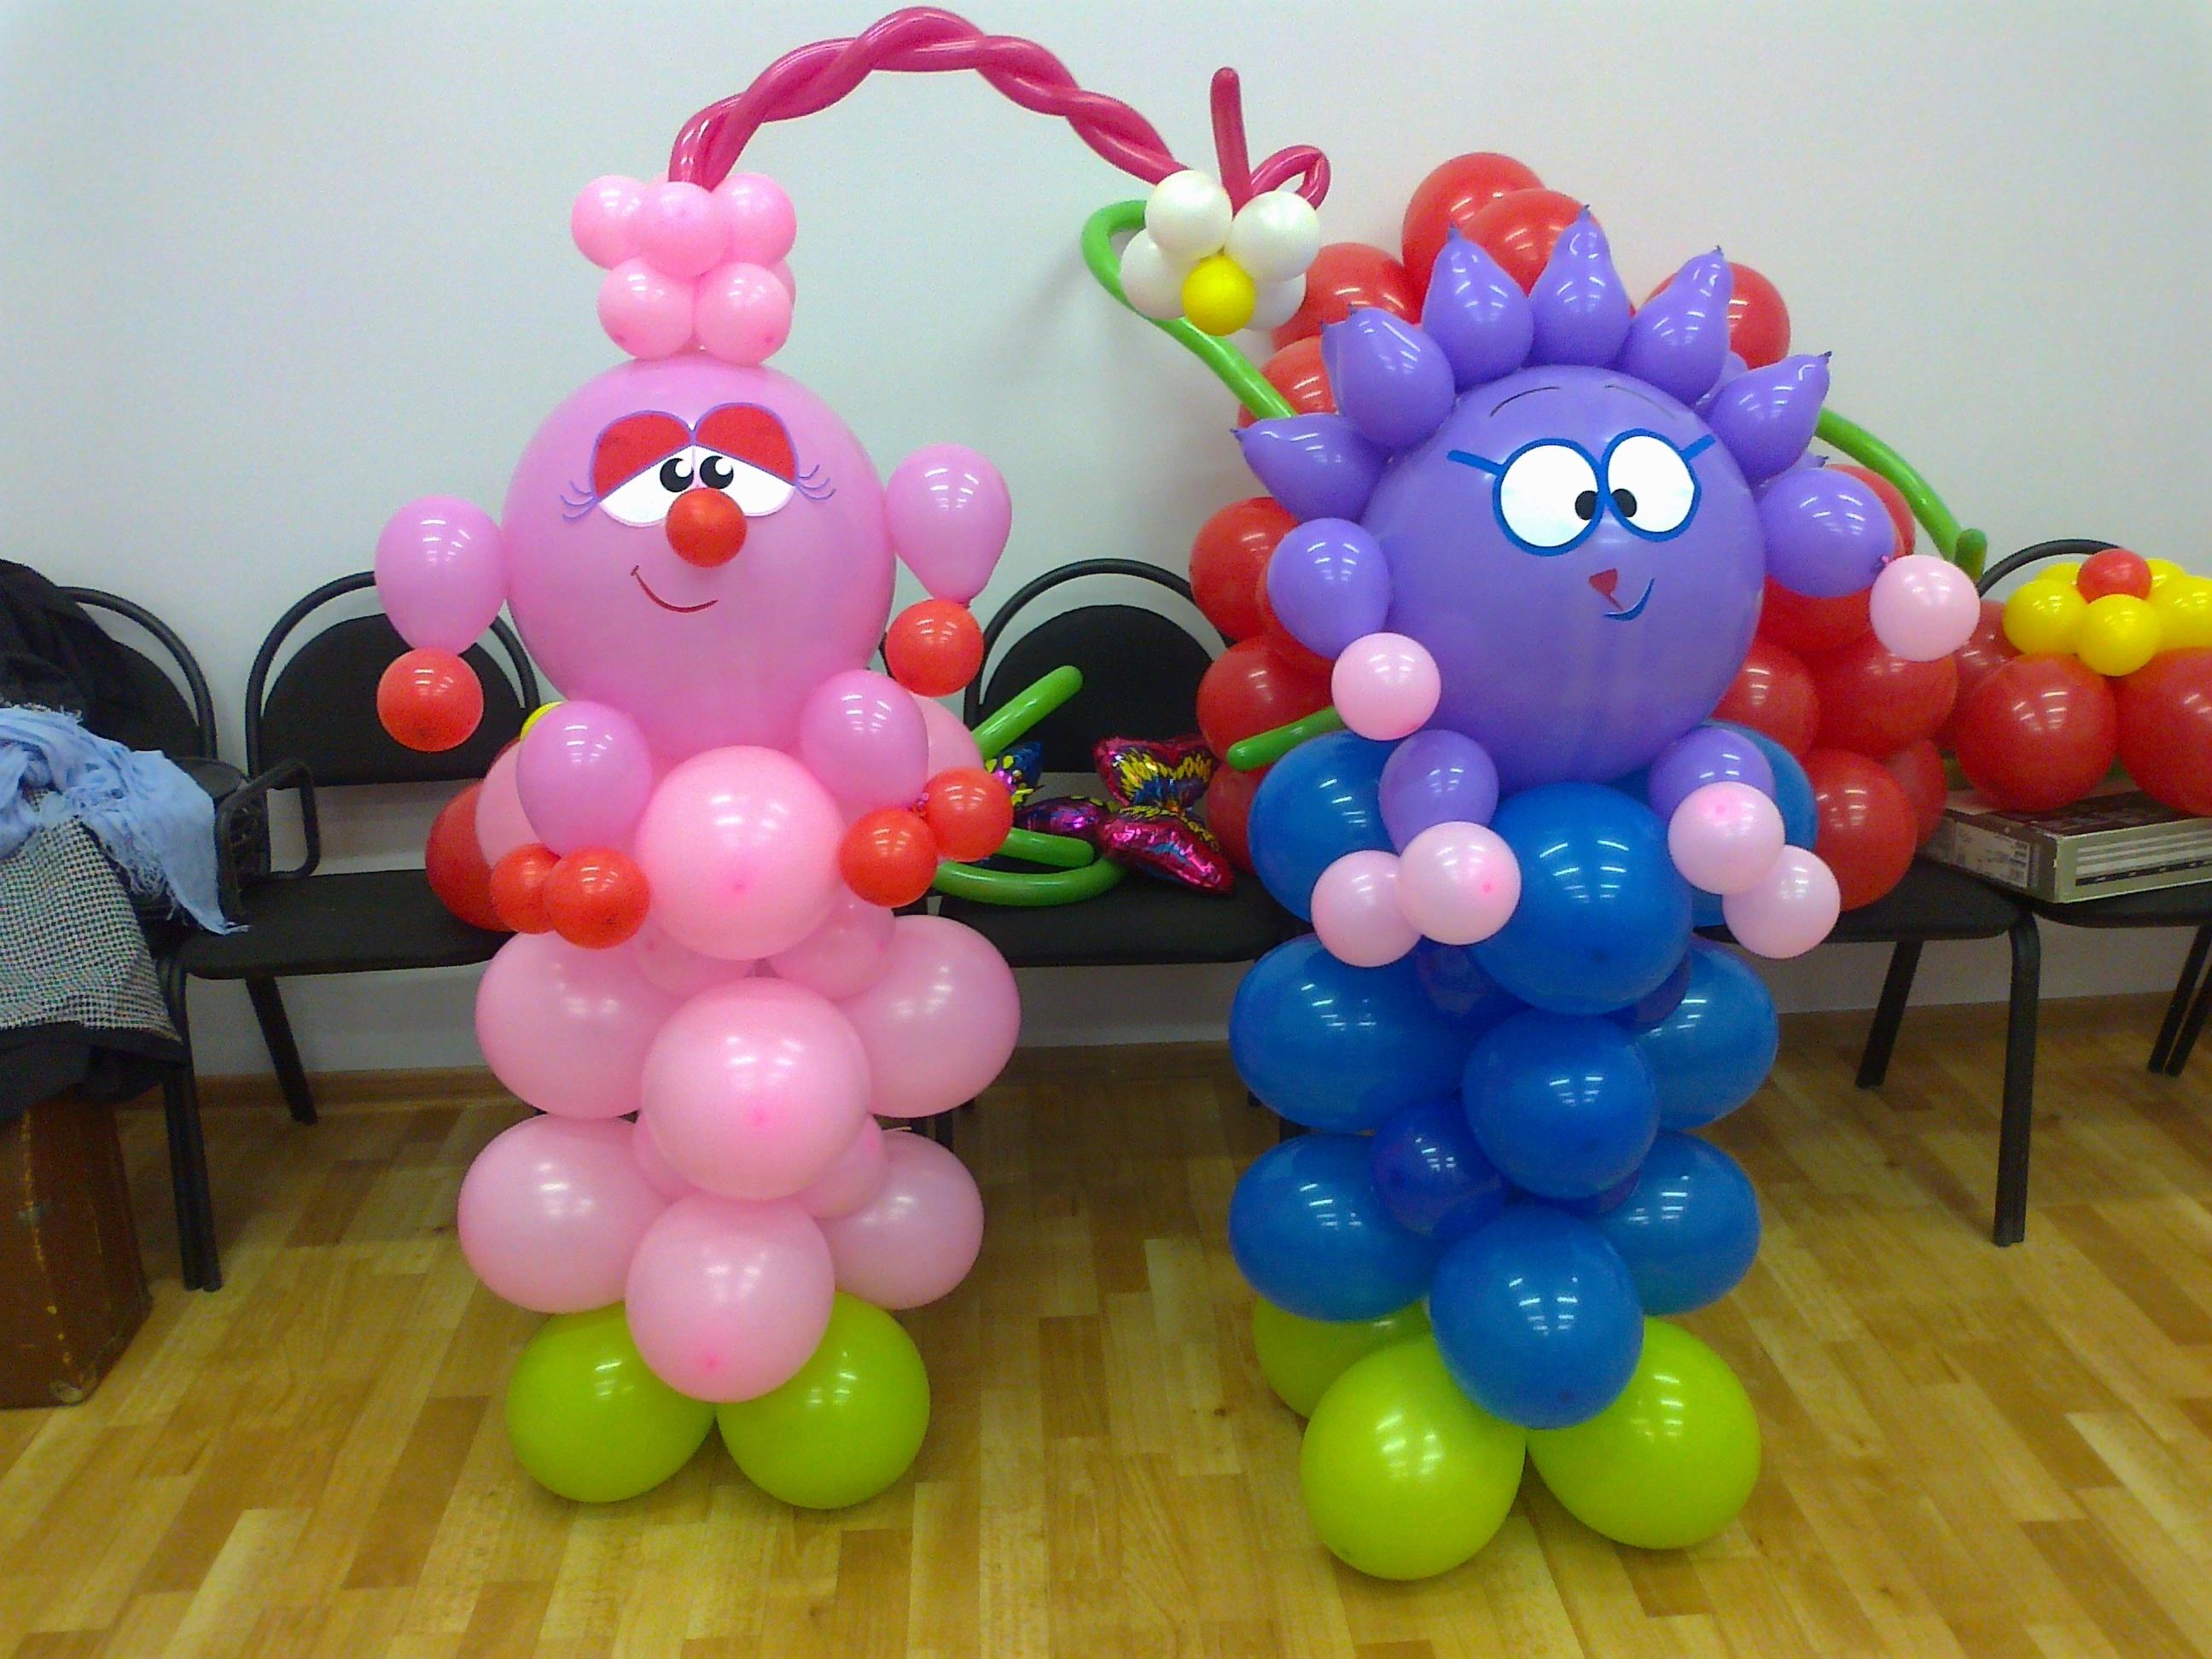 Фигуры из воздушных шаров своими руками фото для начинающих